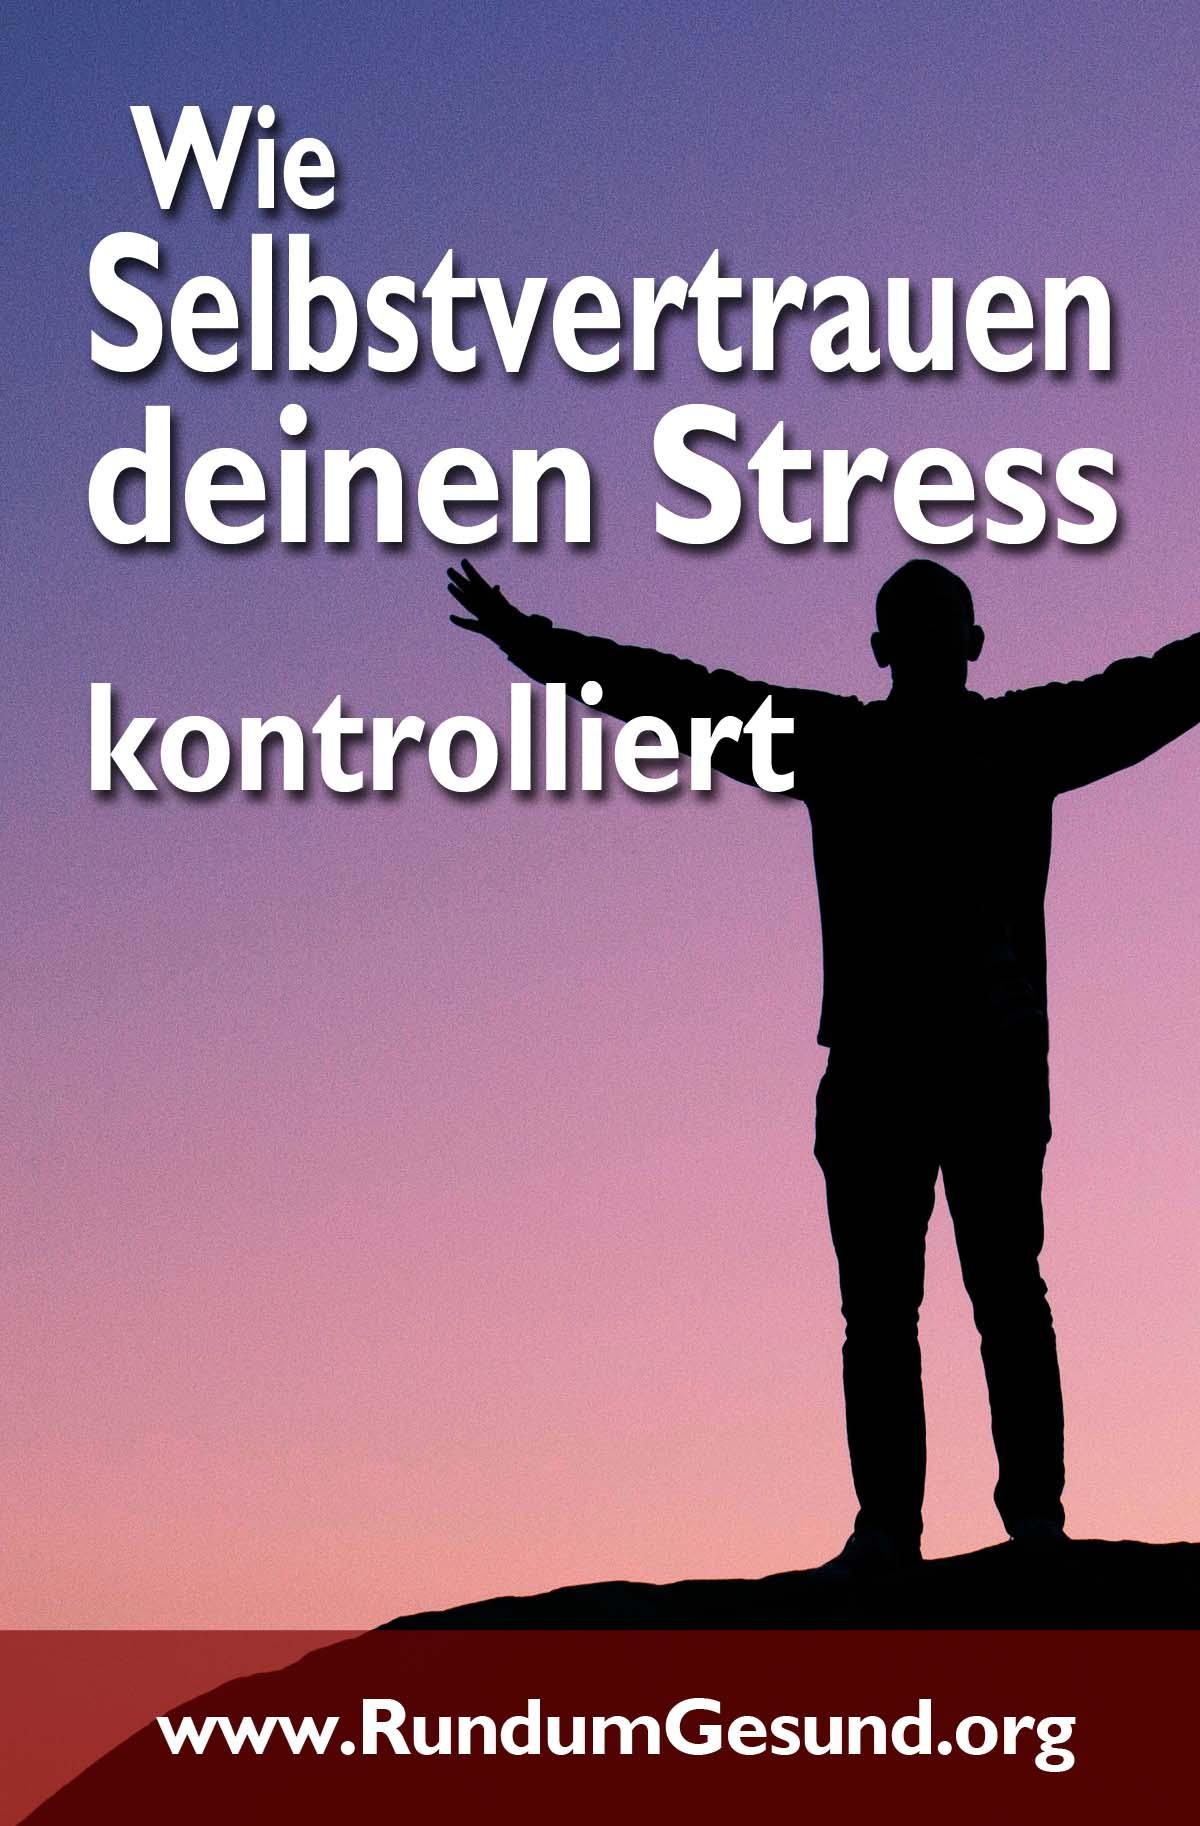 Wie Selbstvertrauen deinen Stress kontrolliert